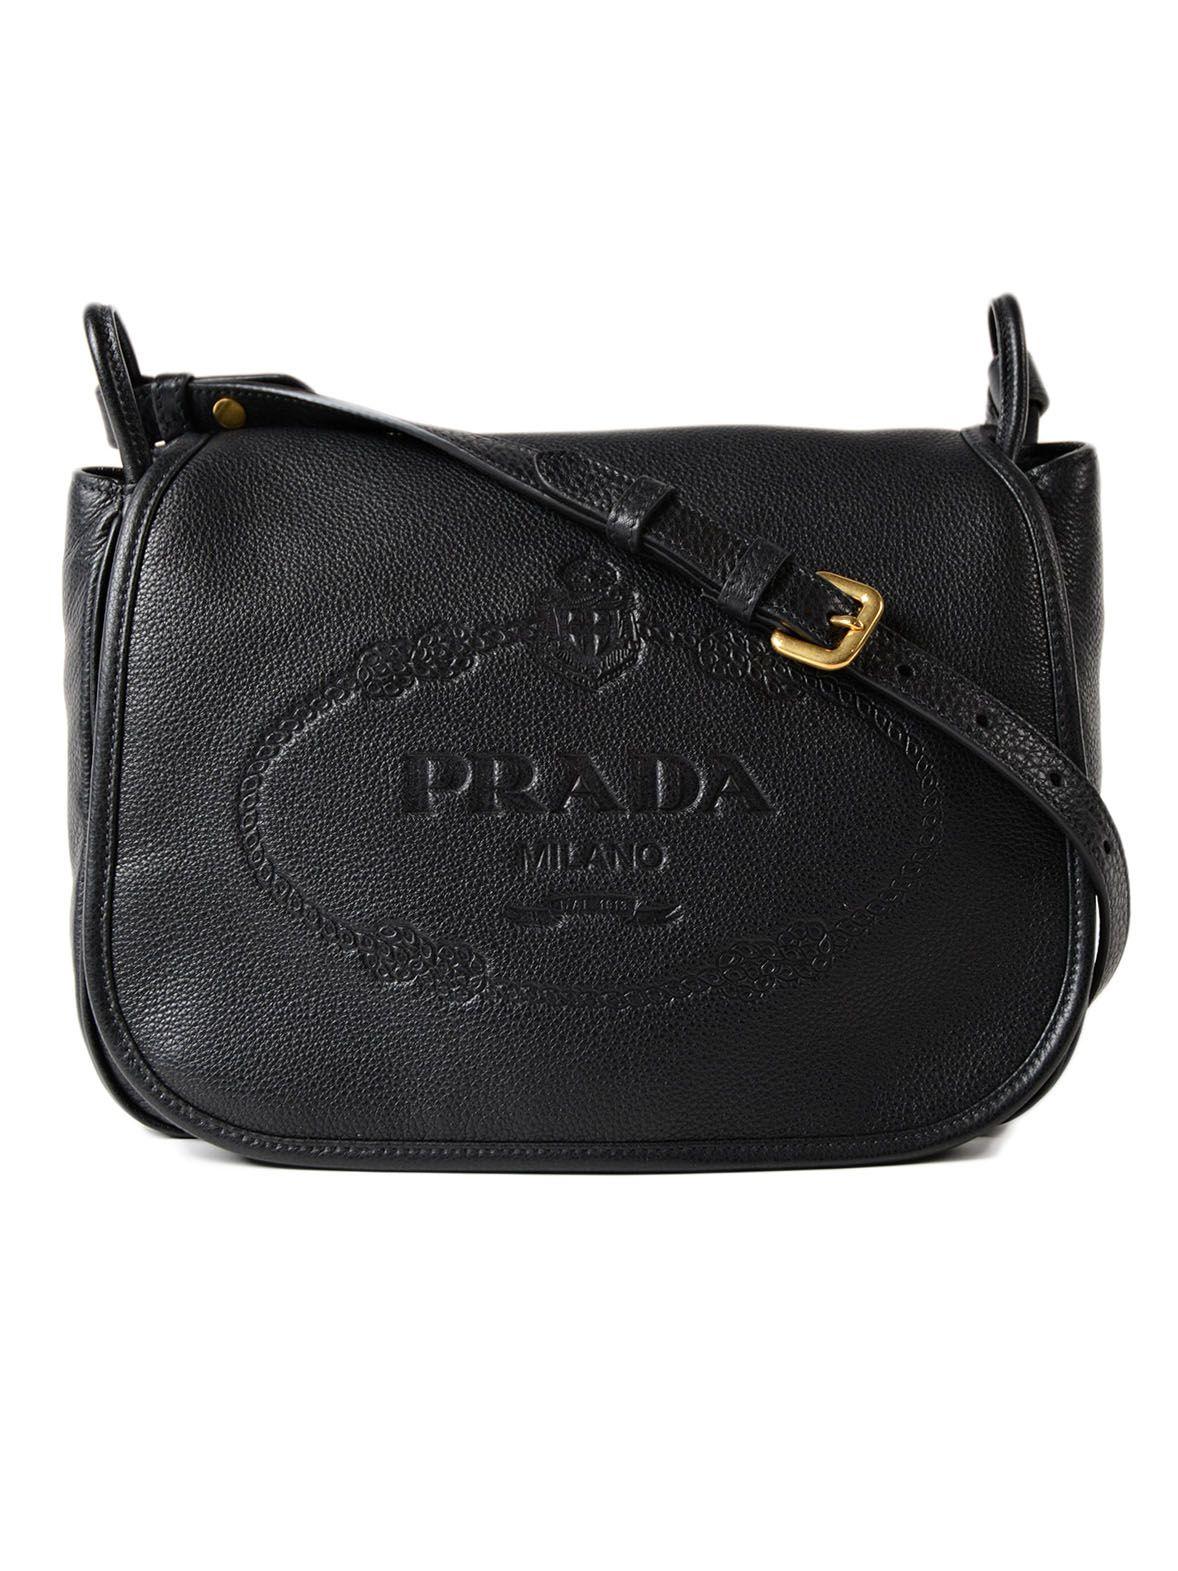 Prada Vit. daino Shoulder Bag